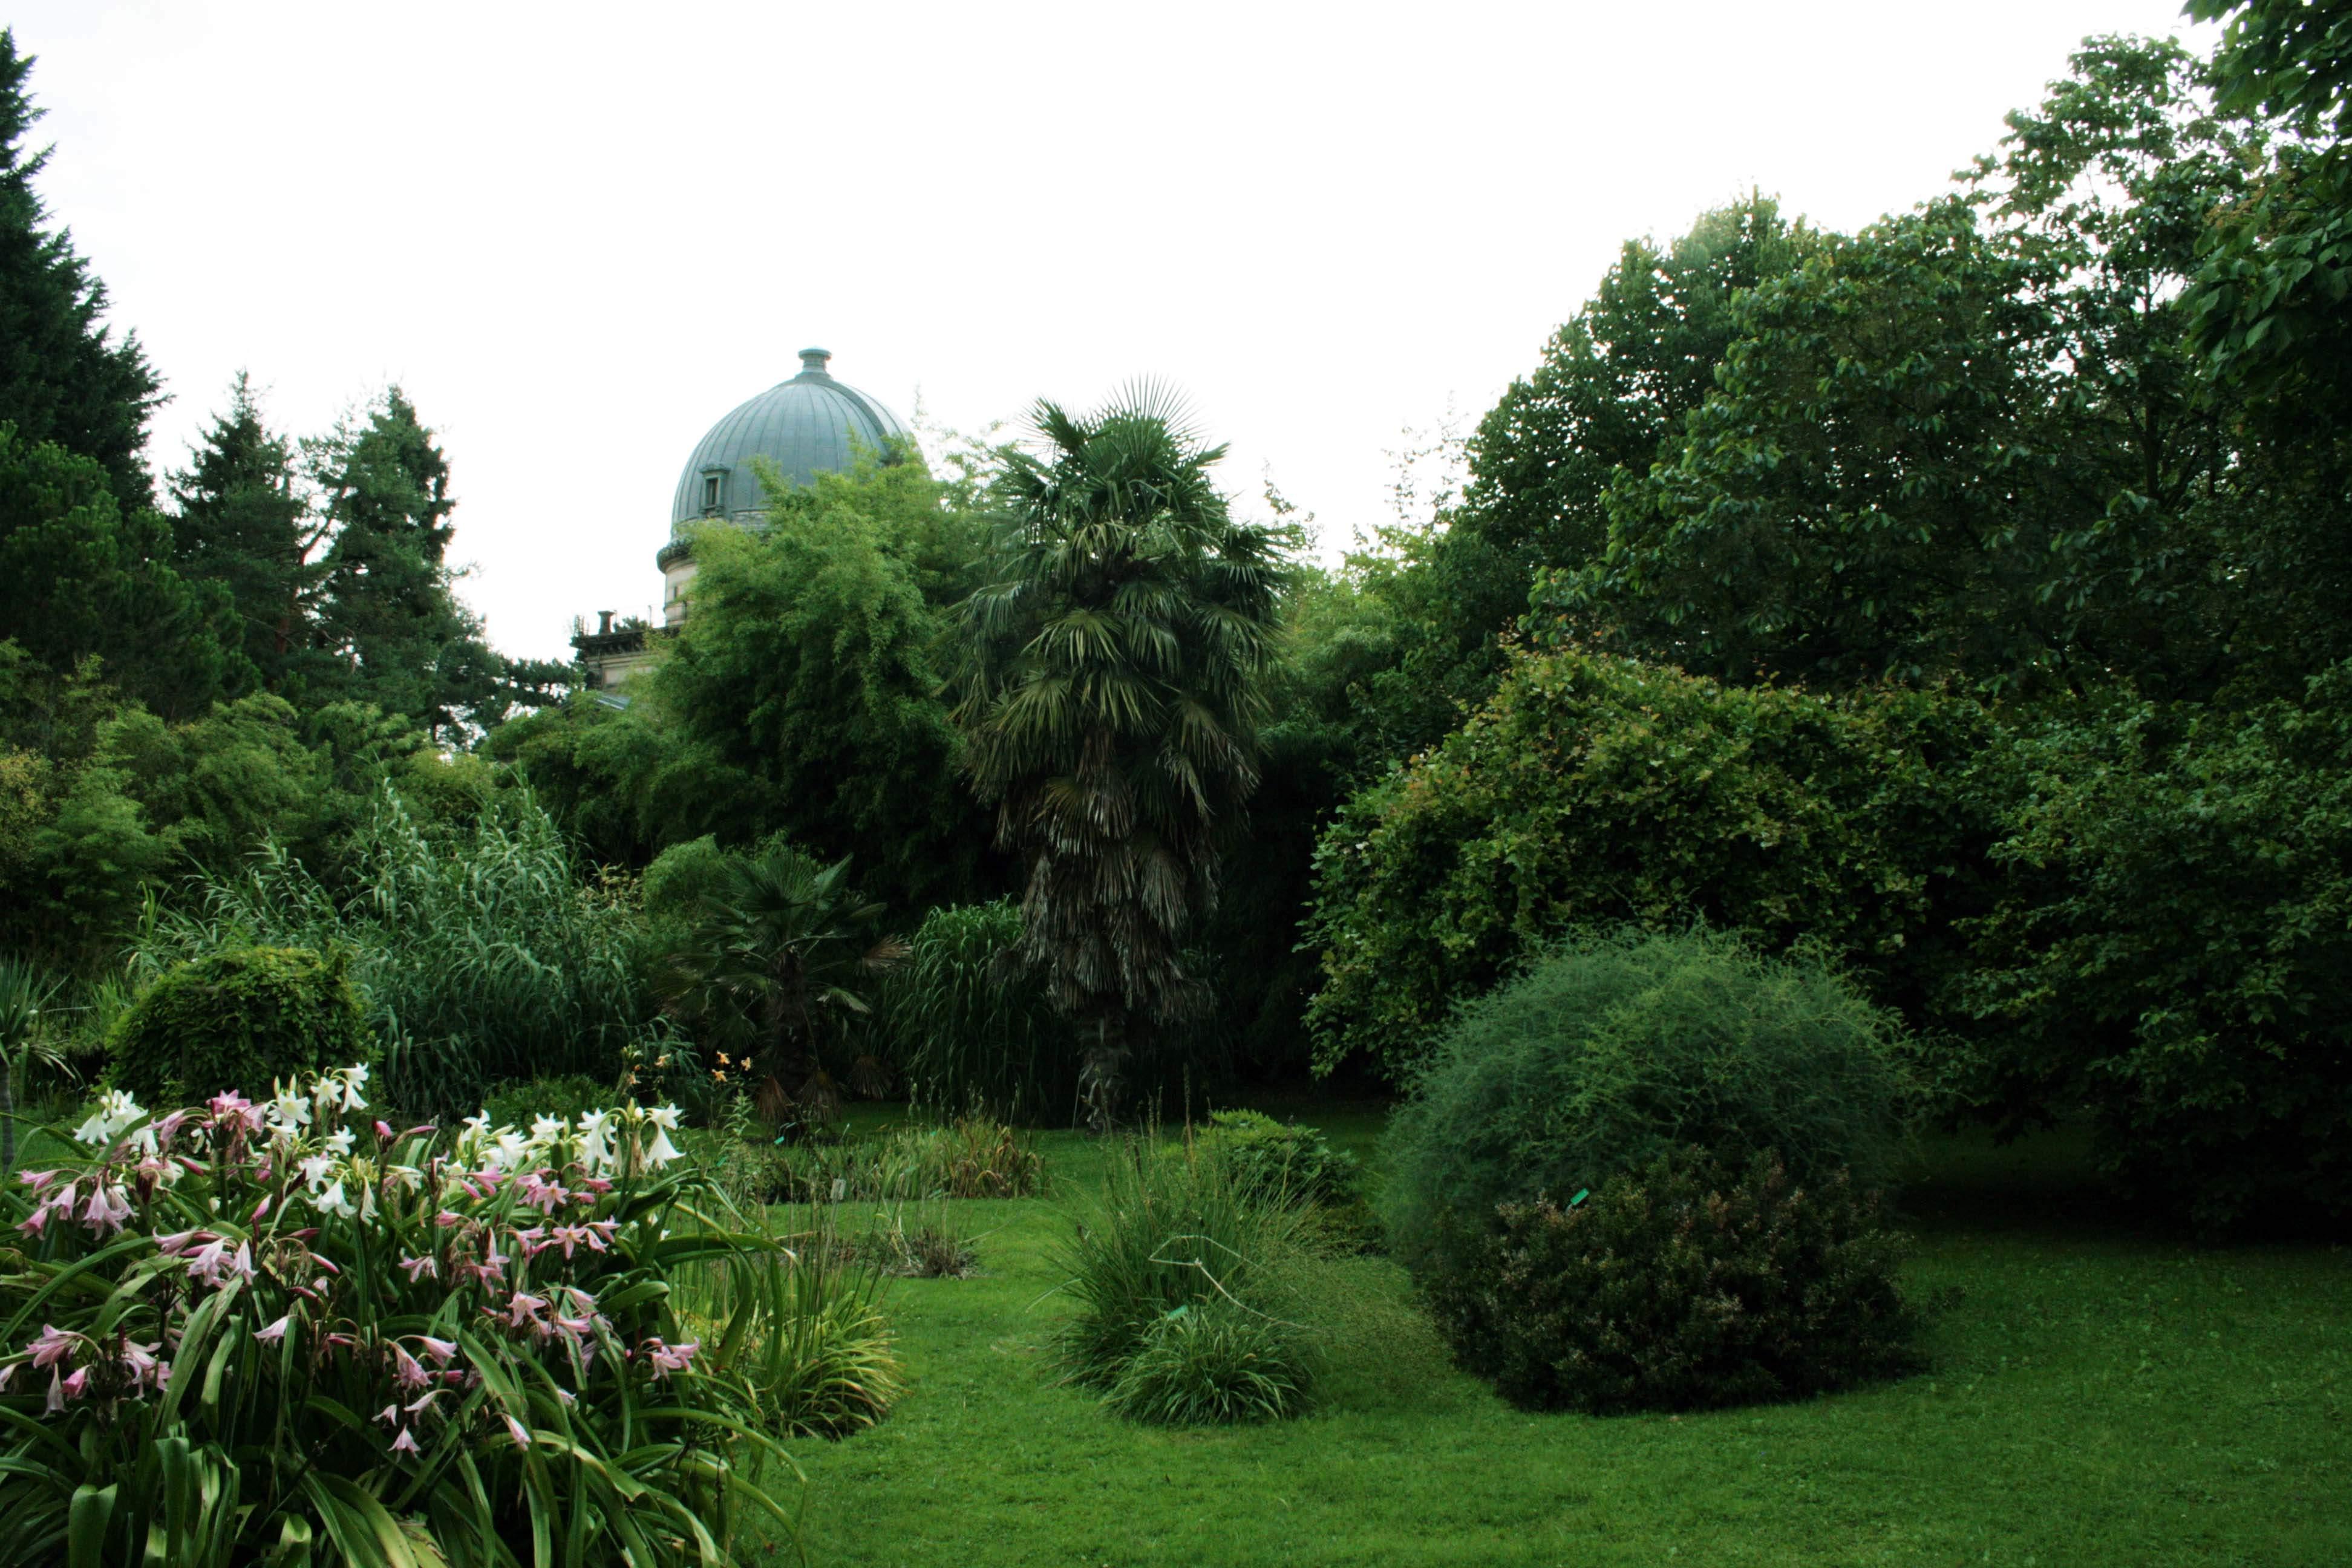 Les jardins remarquables en alsace minist re de la culture - Jardin botanique de strasbourg ...